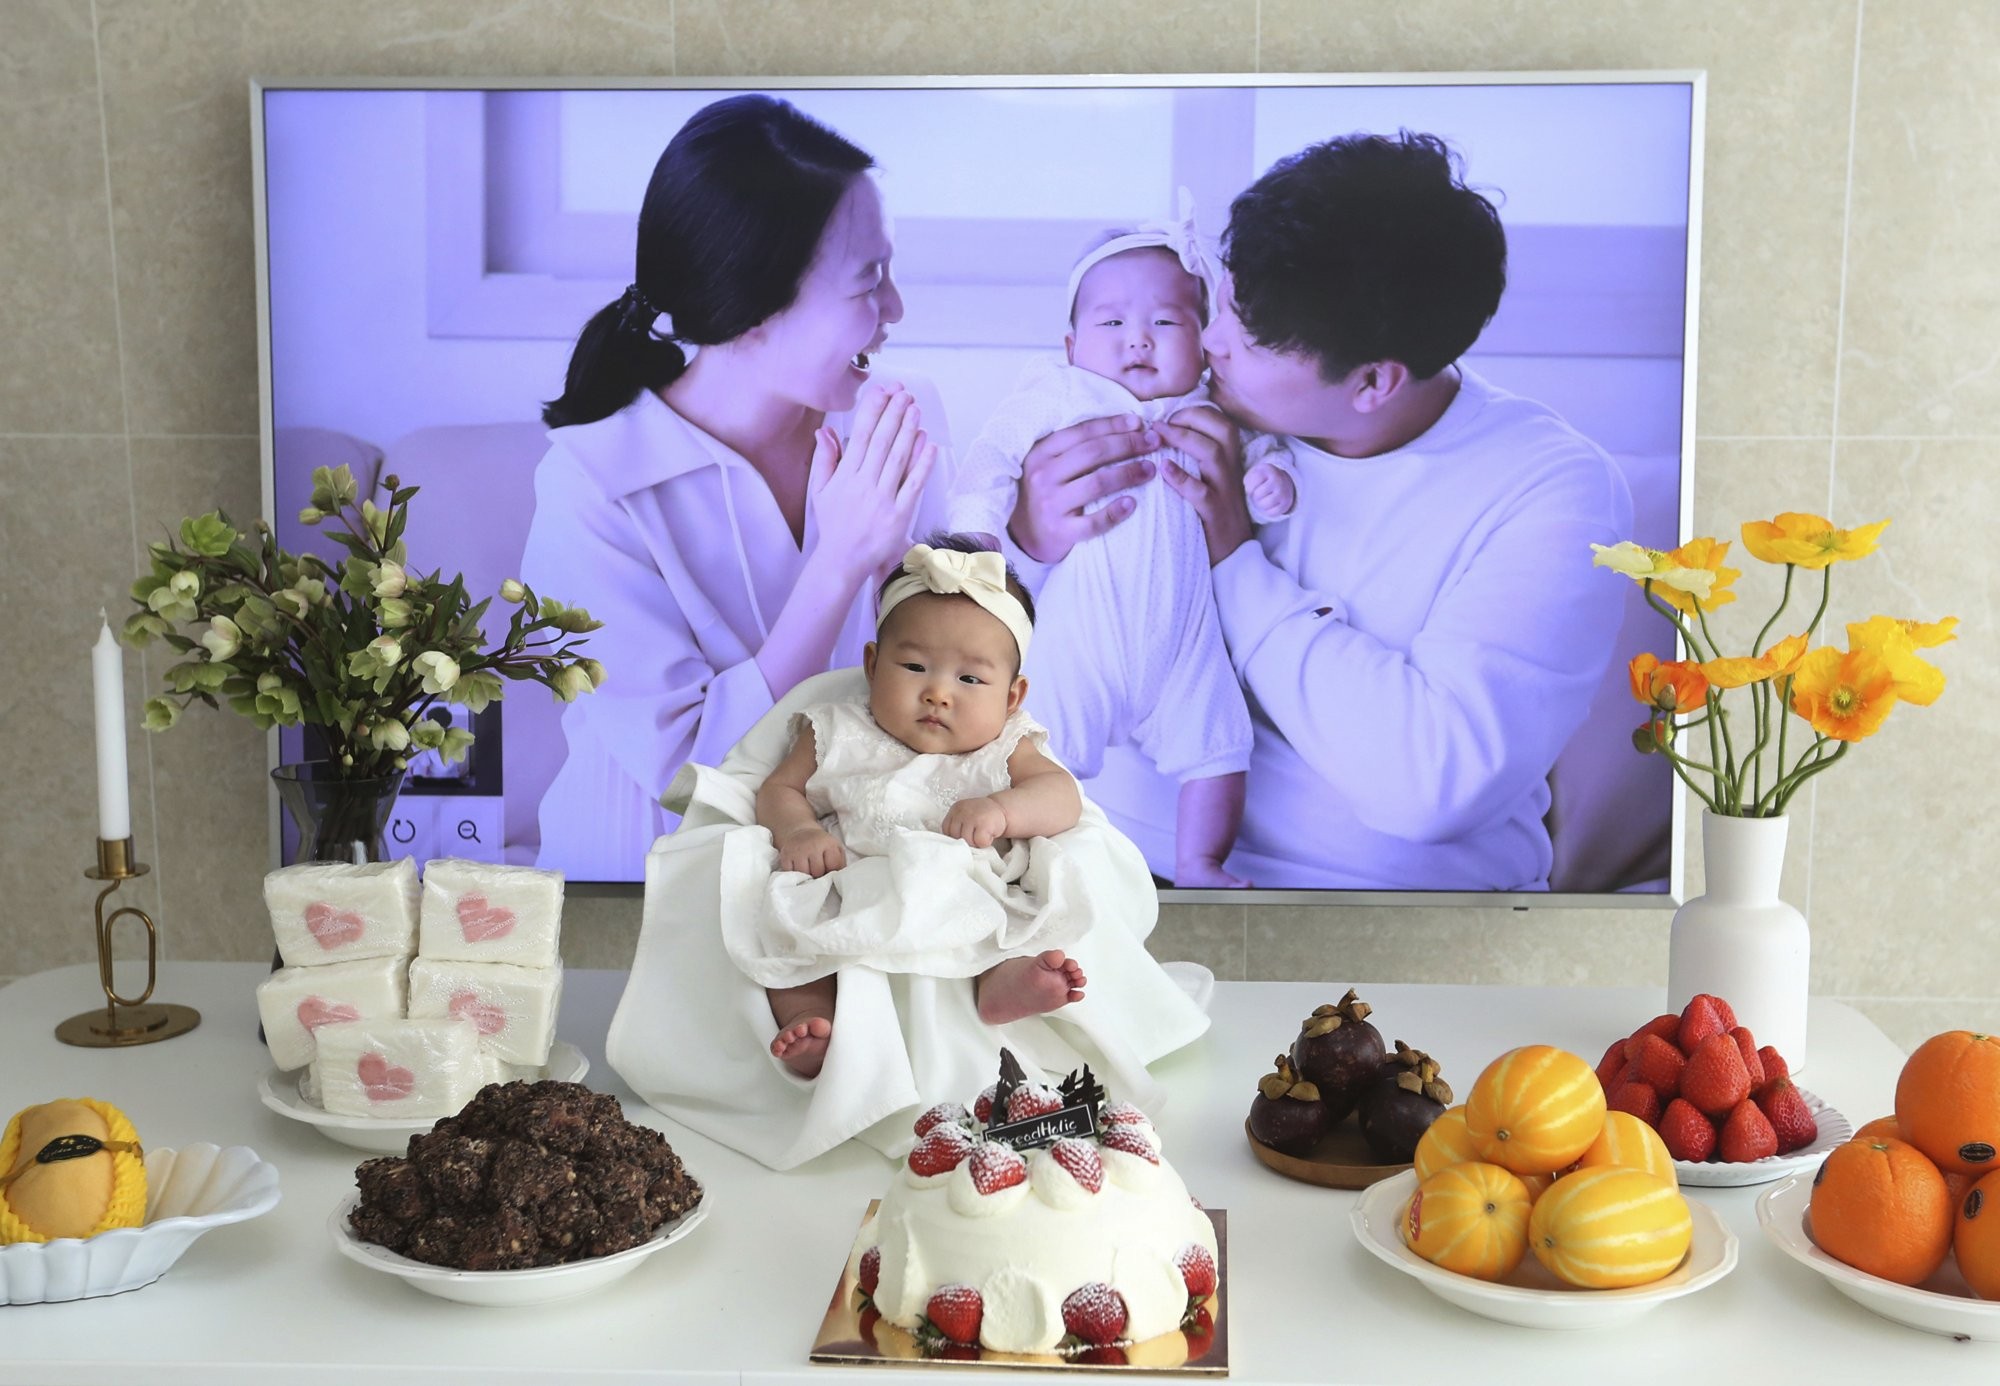 southkorea_1555123524730.jpeg